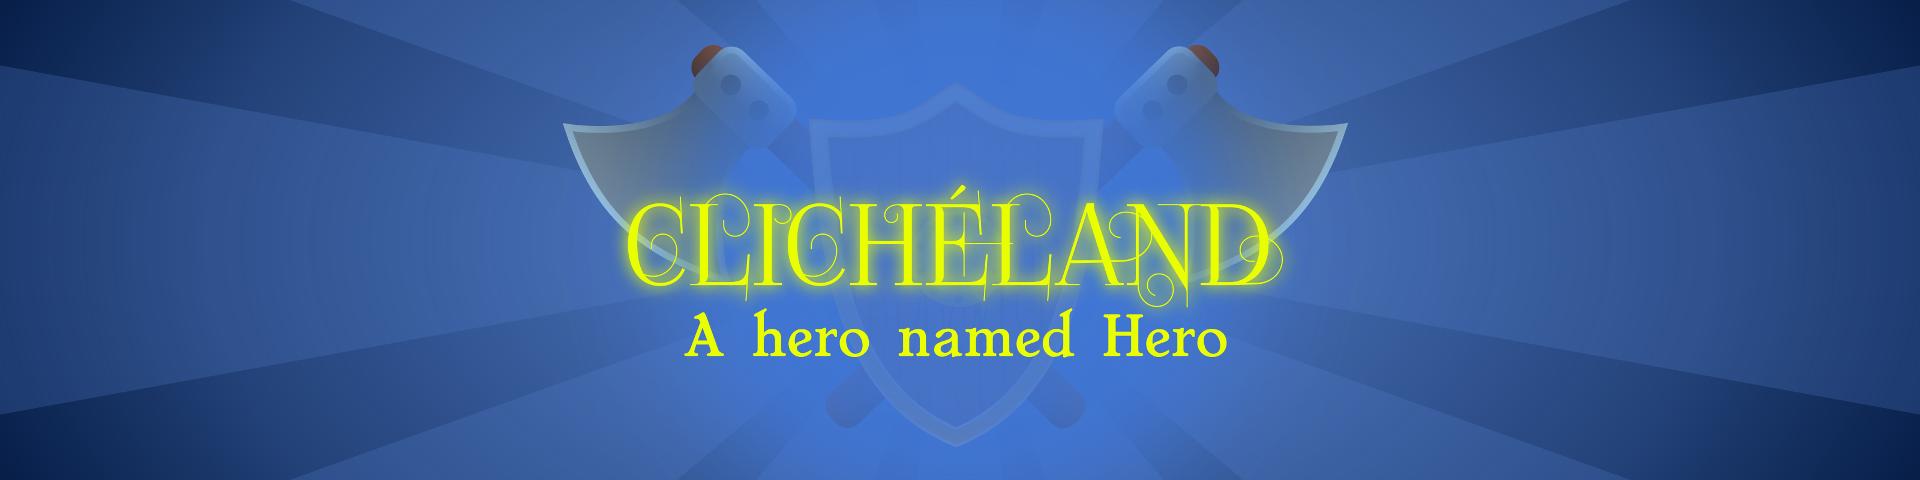 Clichéland (demo)